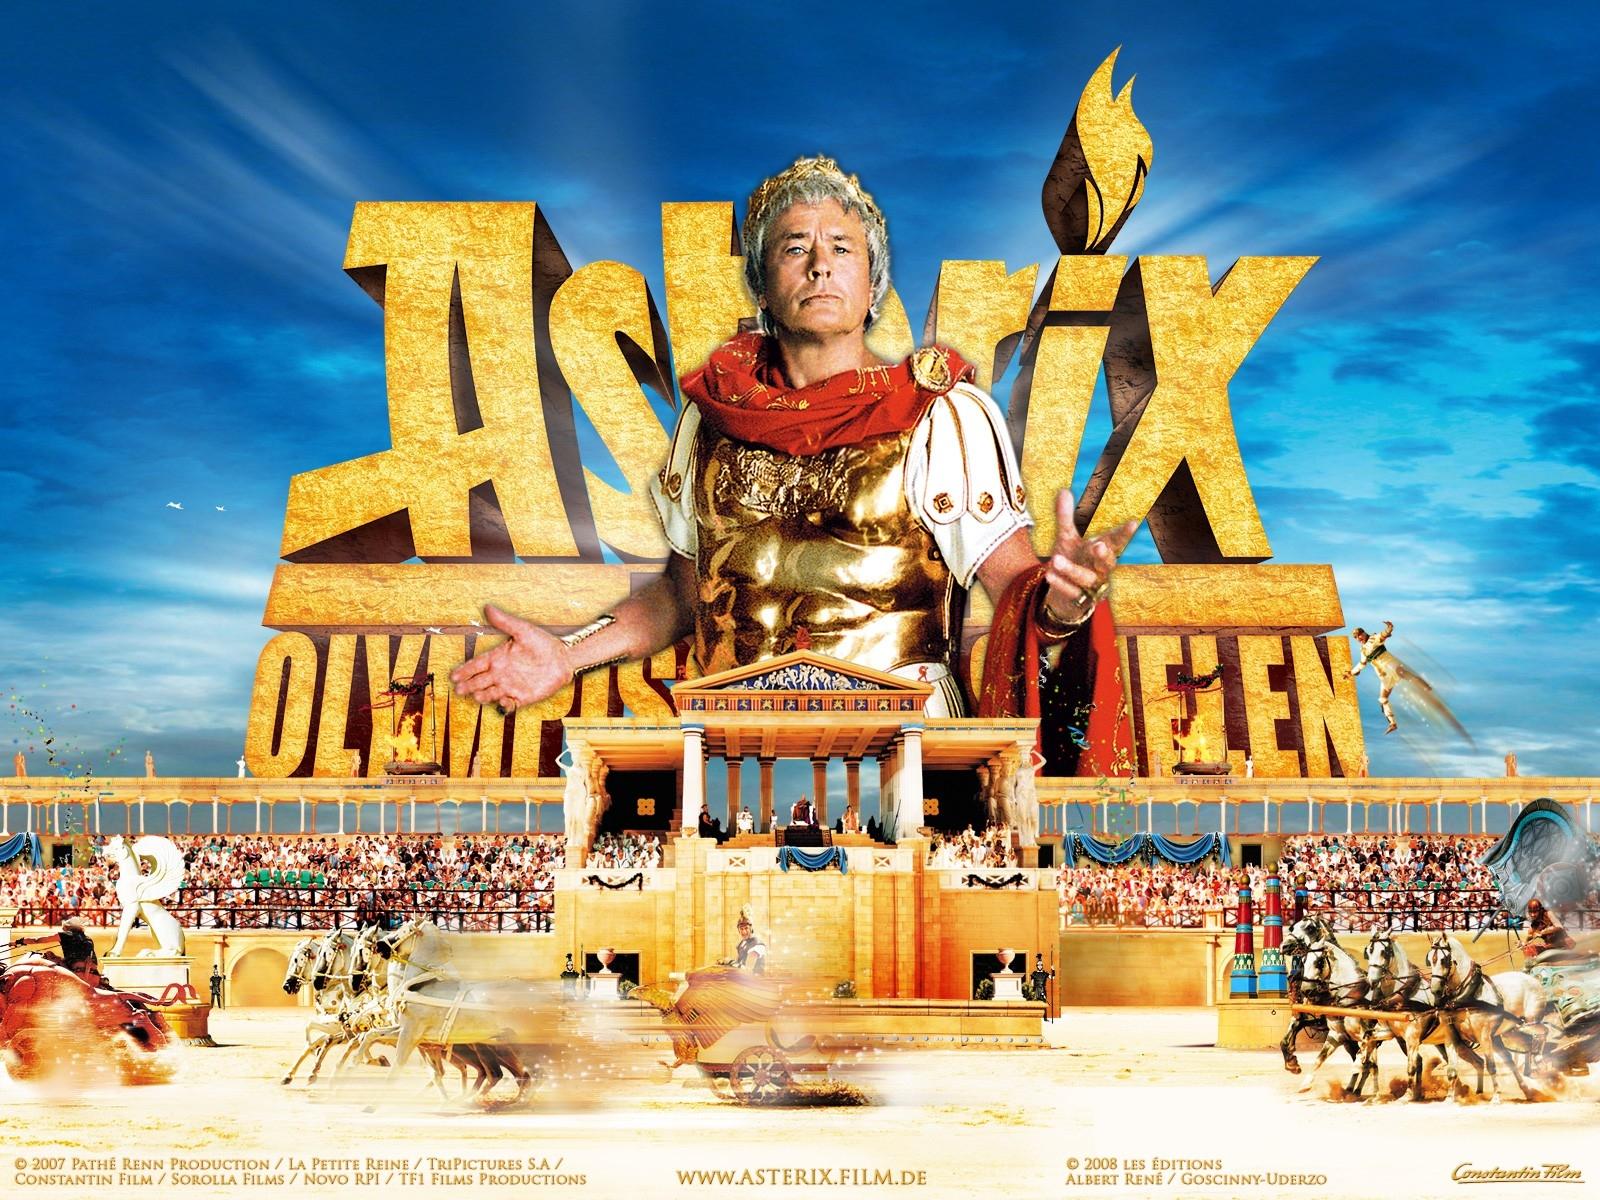 Wallpaper del film Asterix alle Olimpiadi con Alain Delon